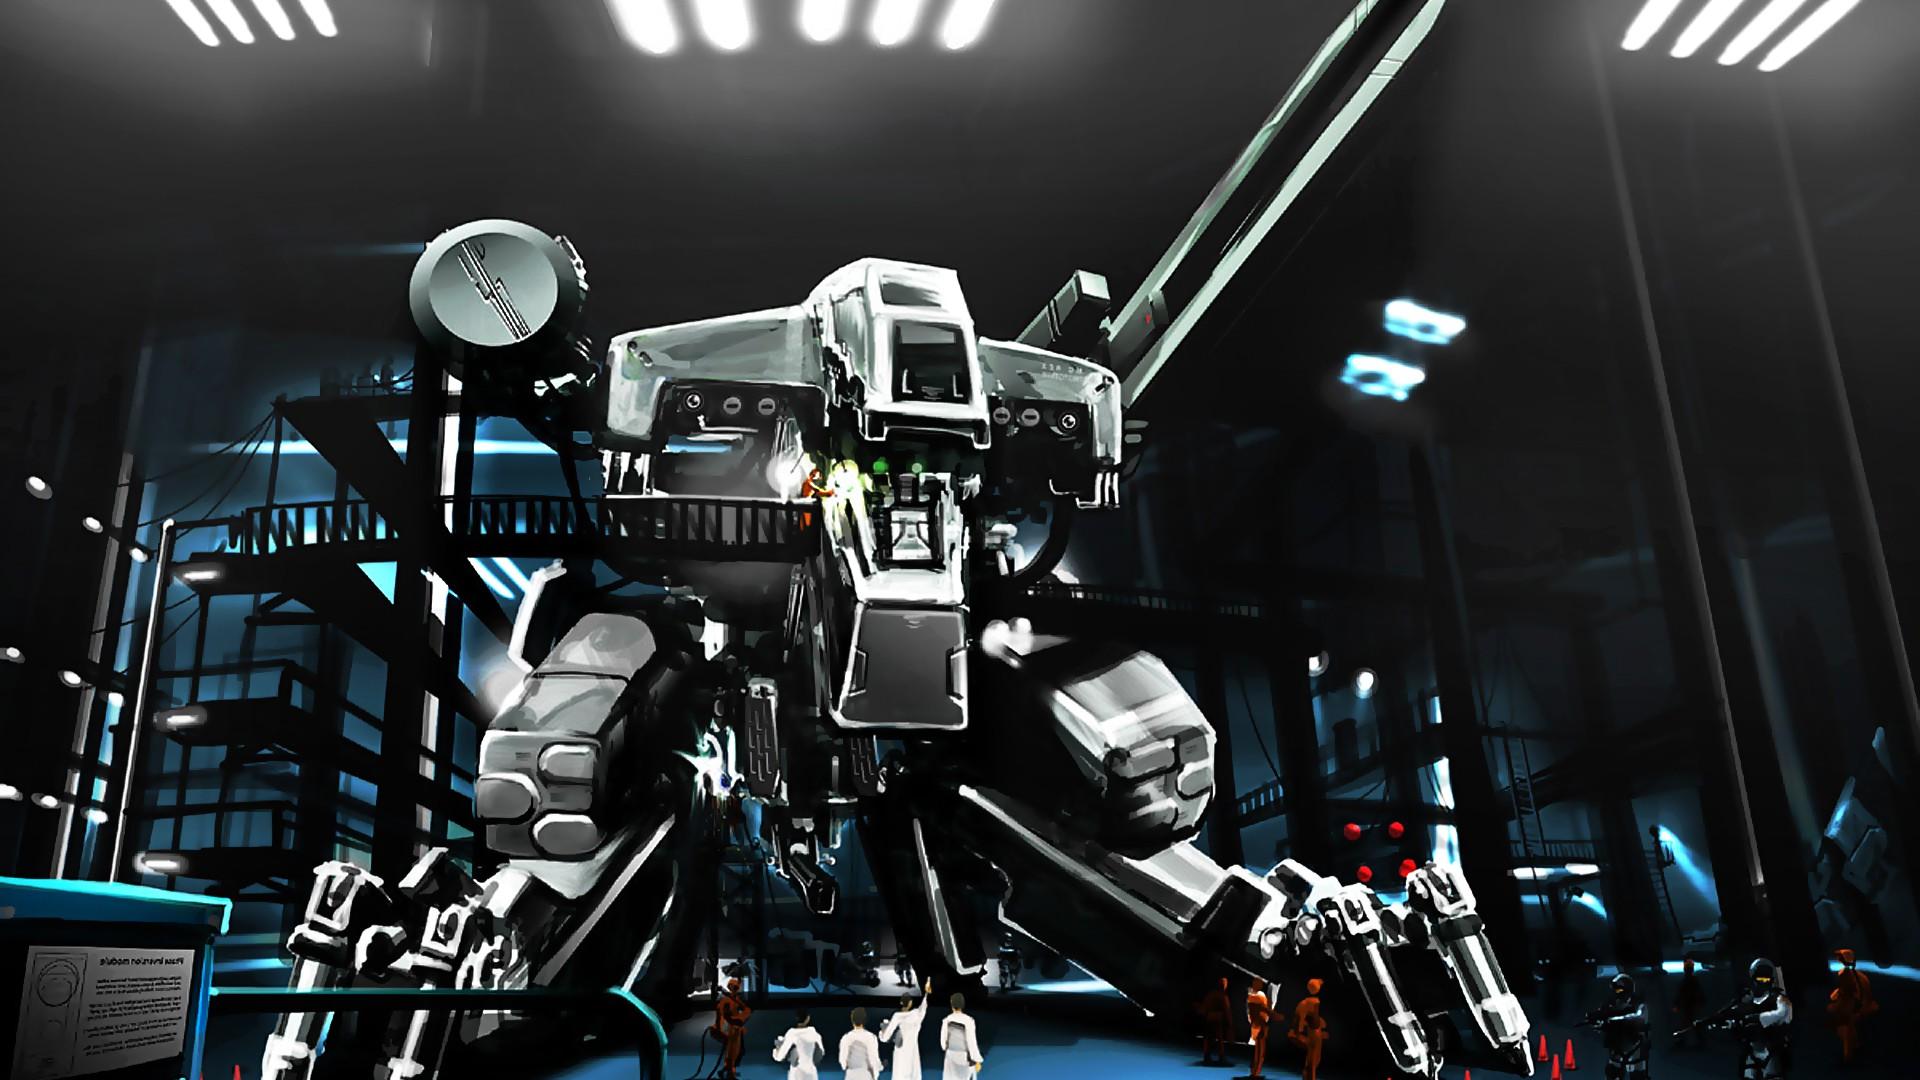 wallpaper : video games, fantasy art, robot, artwork, music, mech